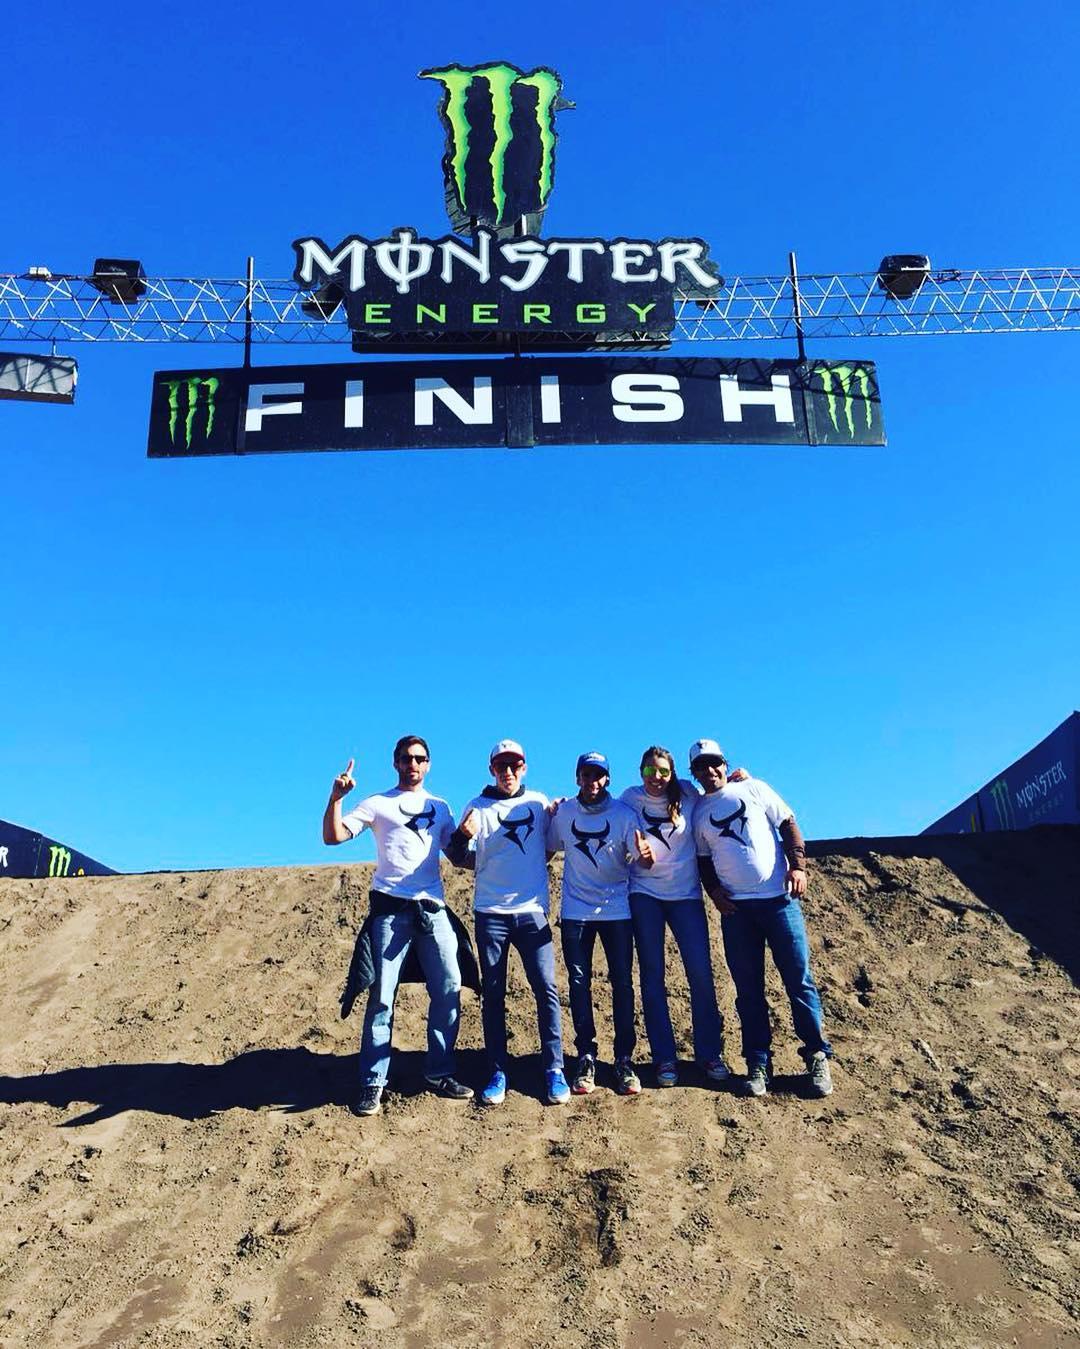 Bancando a Trossero y a su team en el mundial de motocross. Vamos que el #112 está de suerte!  #mxgpargentina #mxgp #motocross #monster #race